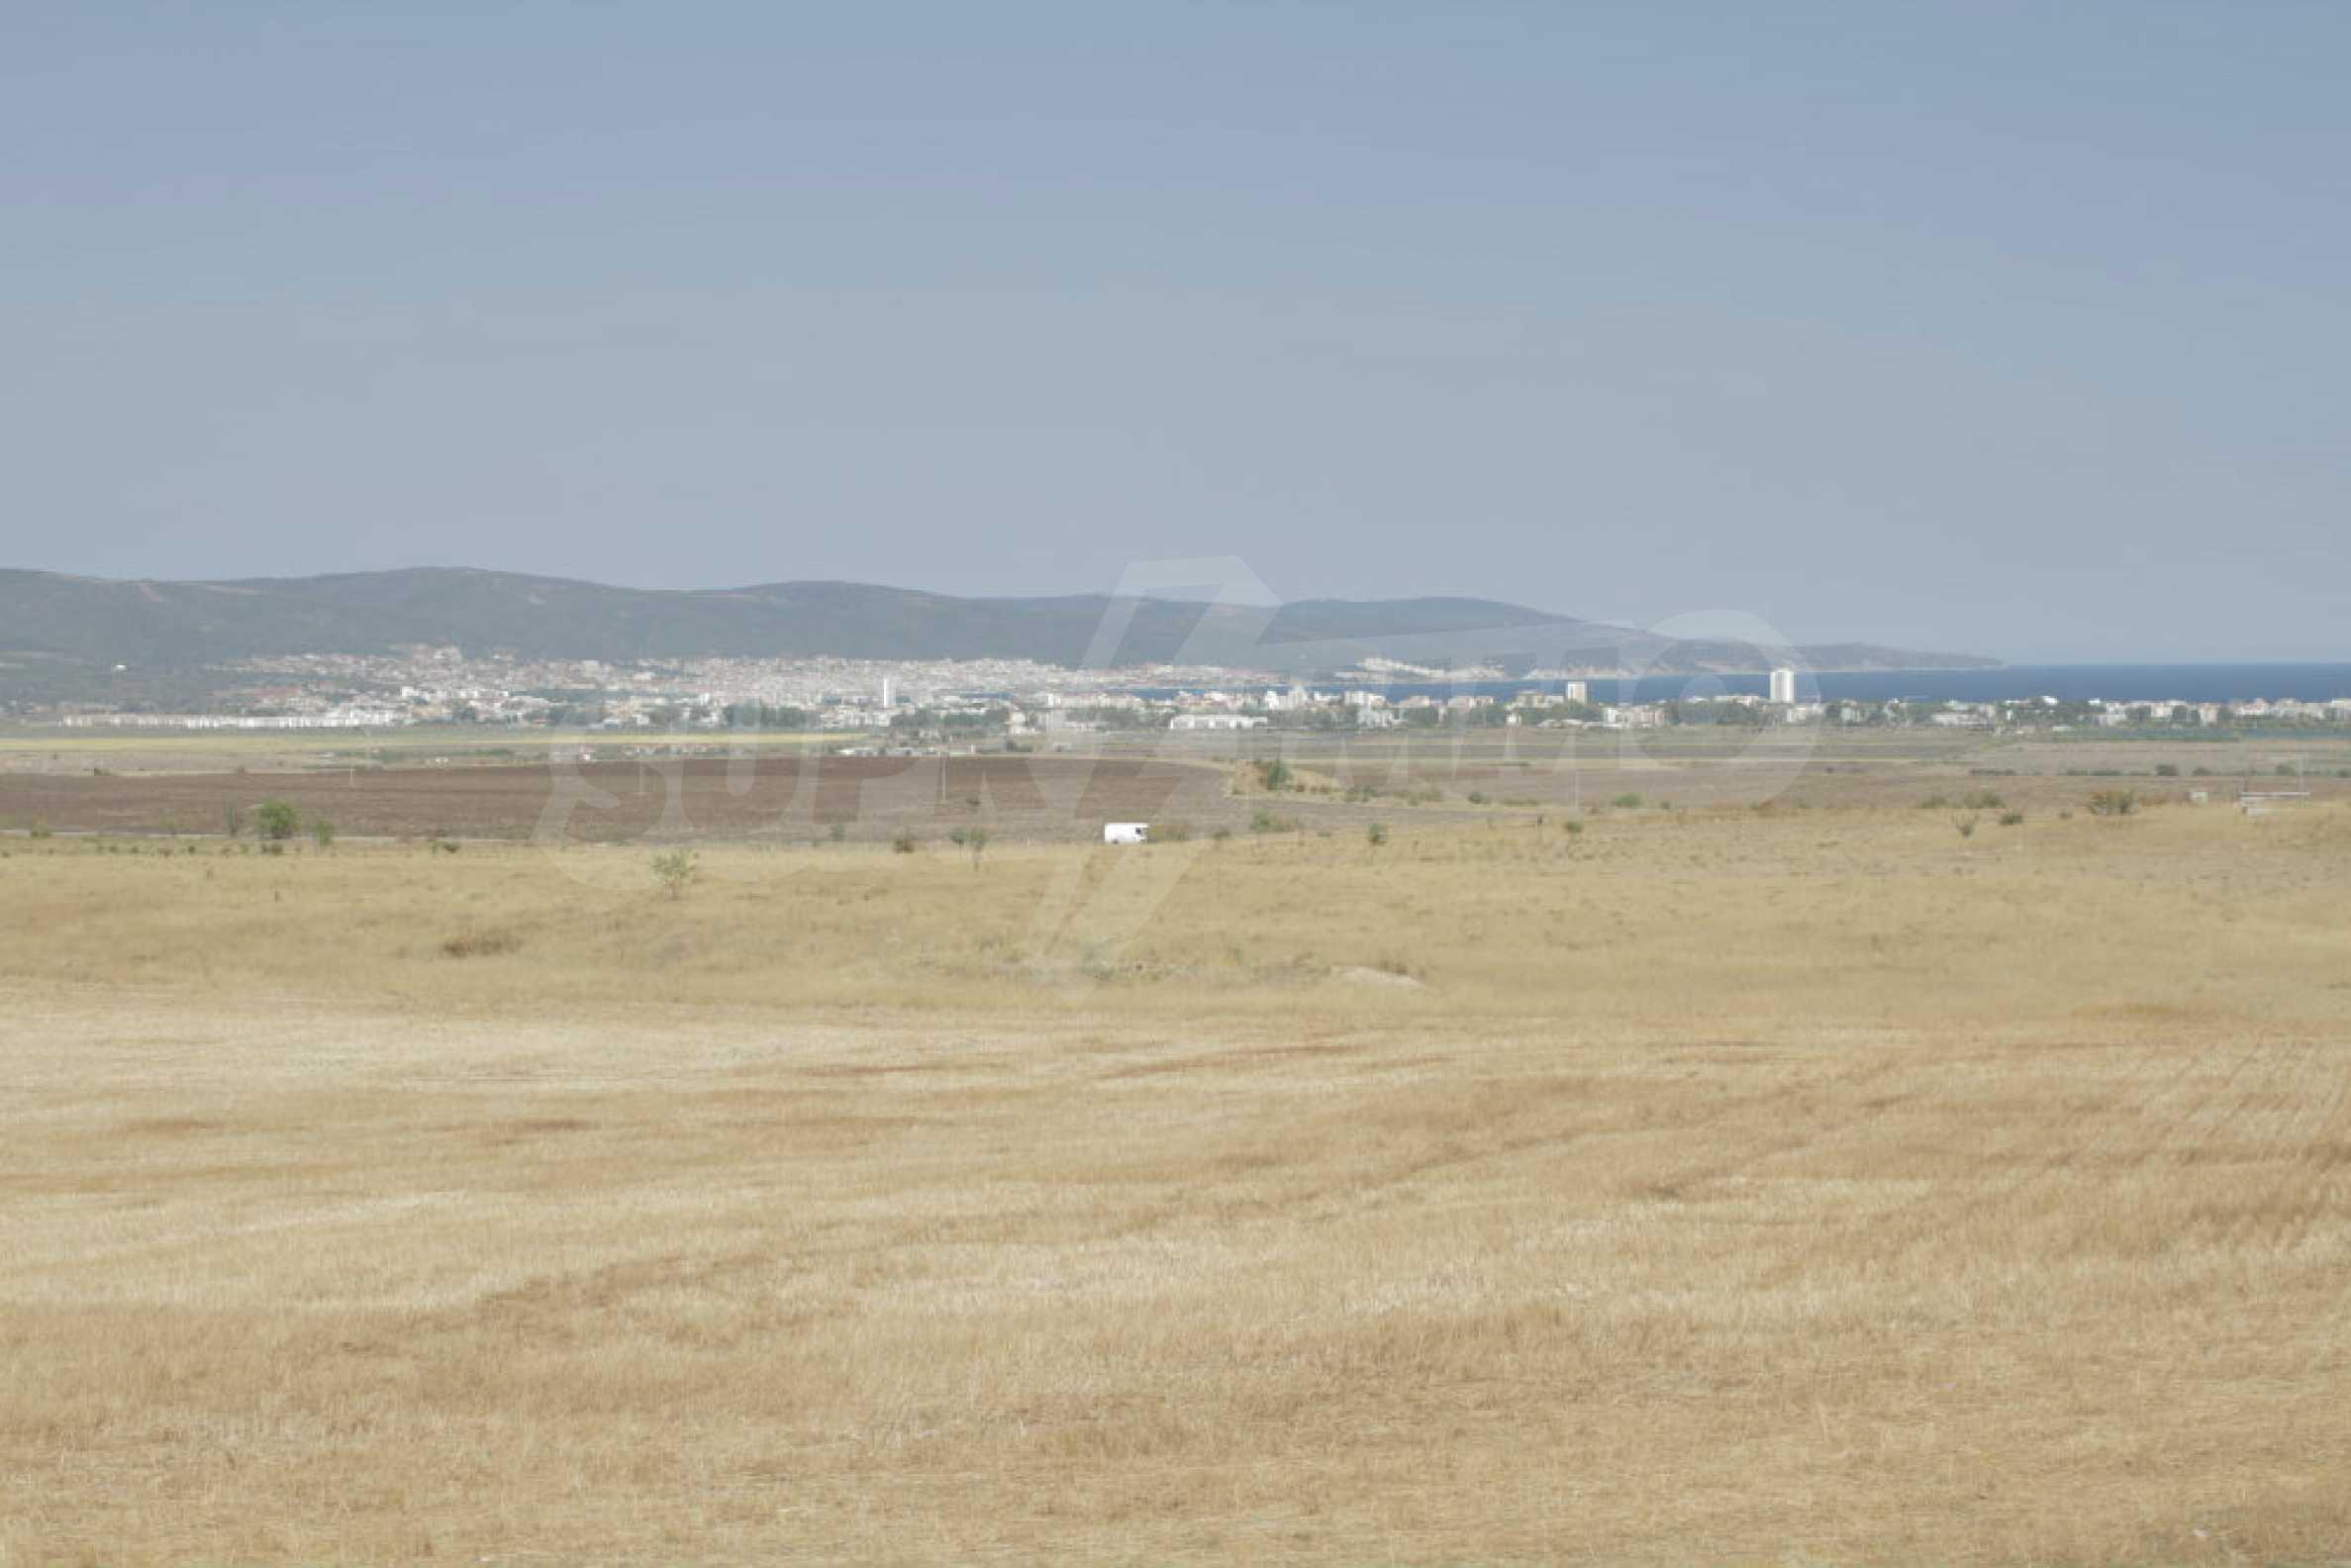 Attraktives Grundstück für Investieren in der Nähe des historischen Komplexes Aheloy 917 und Sonnenstrand, bei Tankowo und Aheloy 39